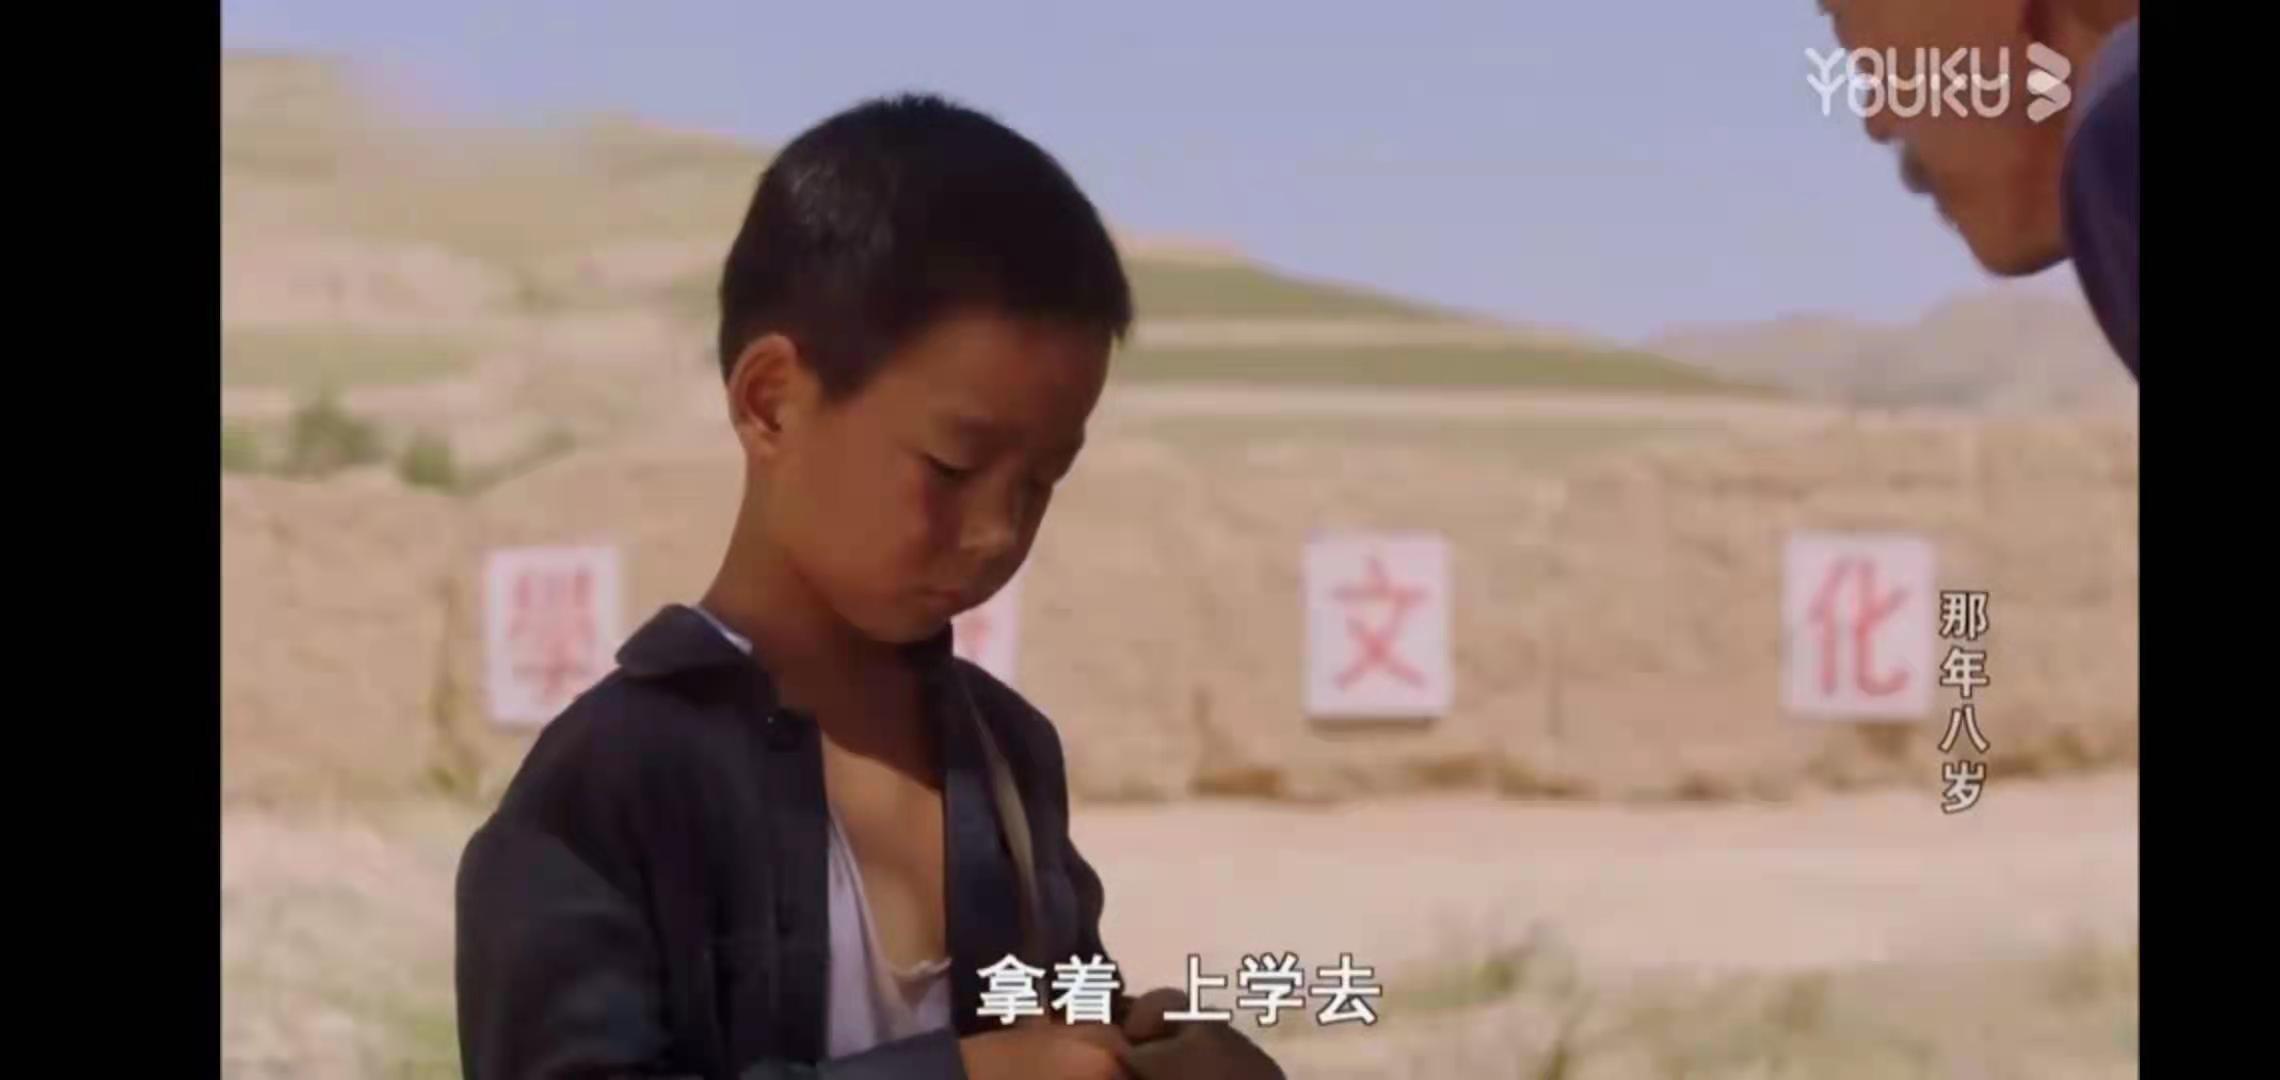 只為6塊錢,他被親爸賣給一個盲人